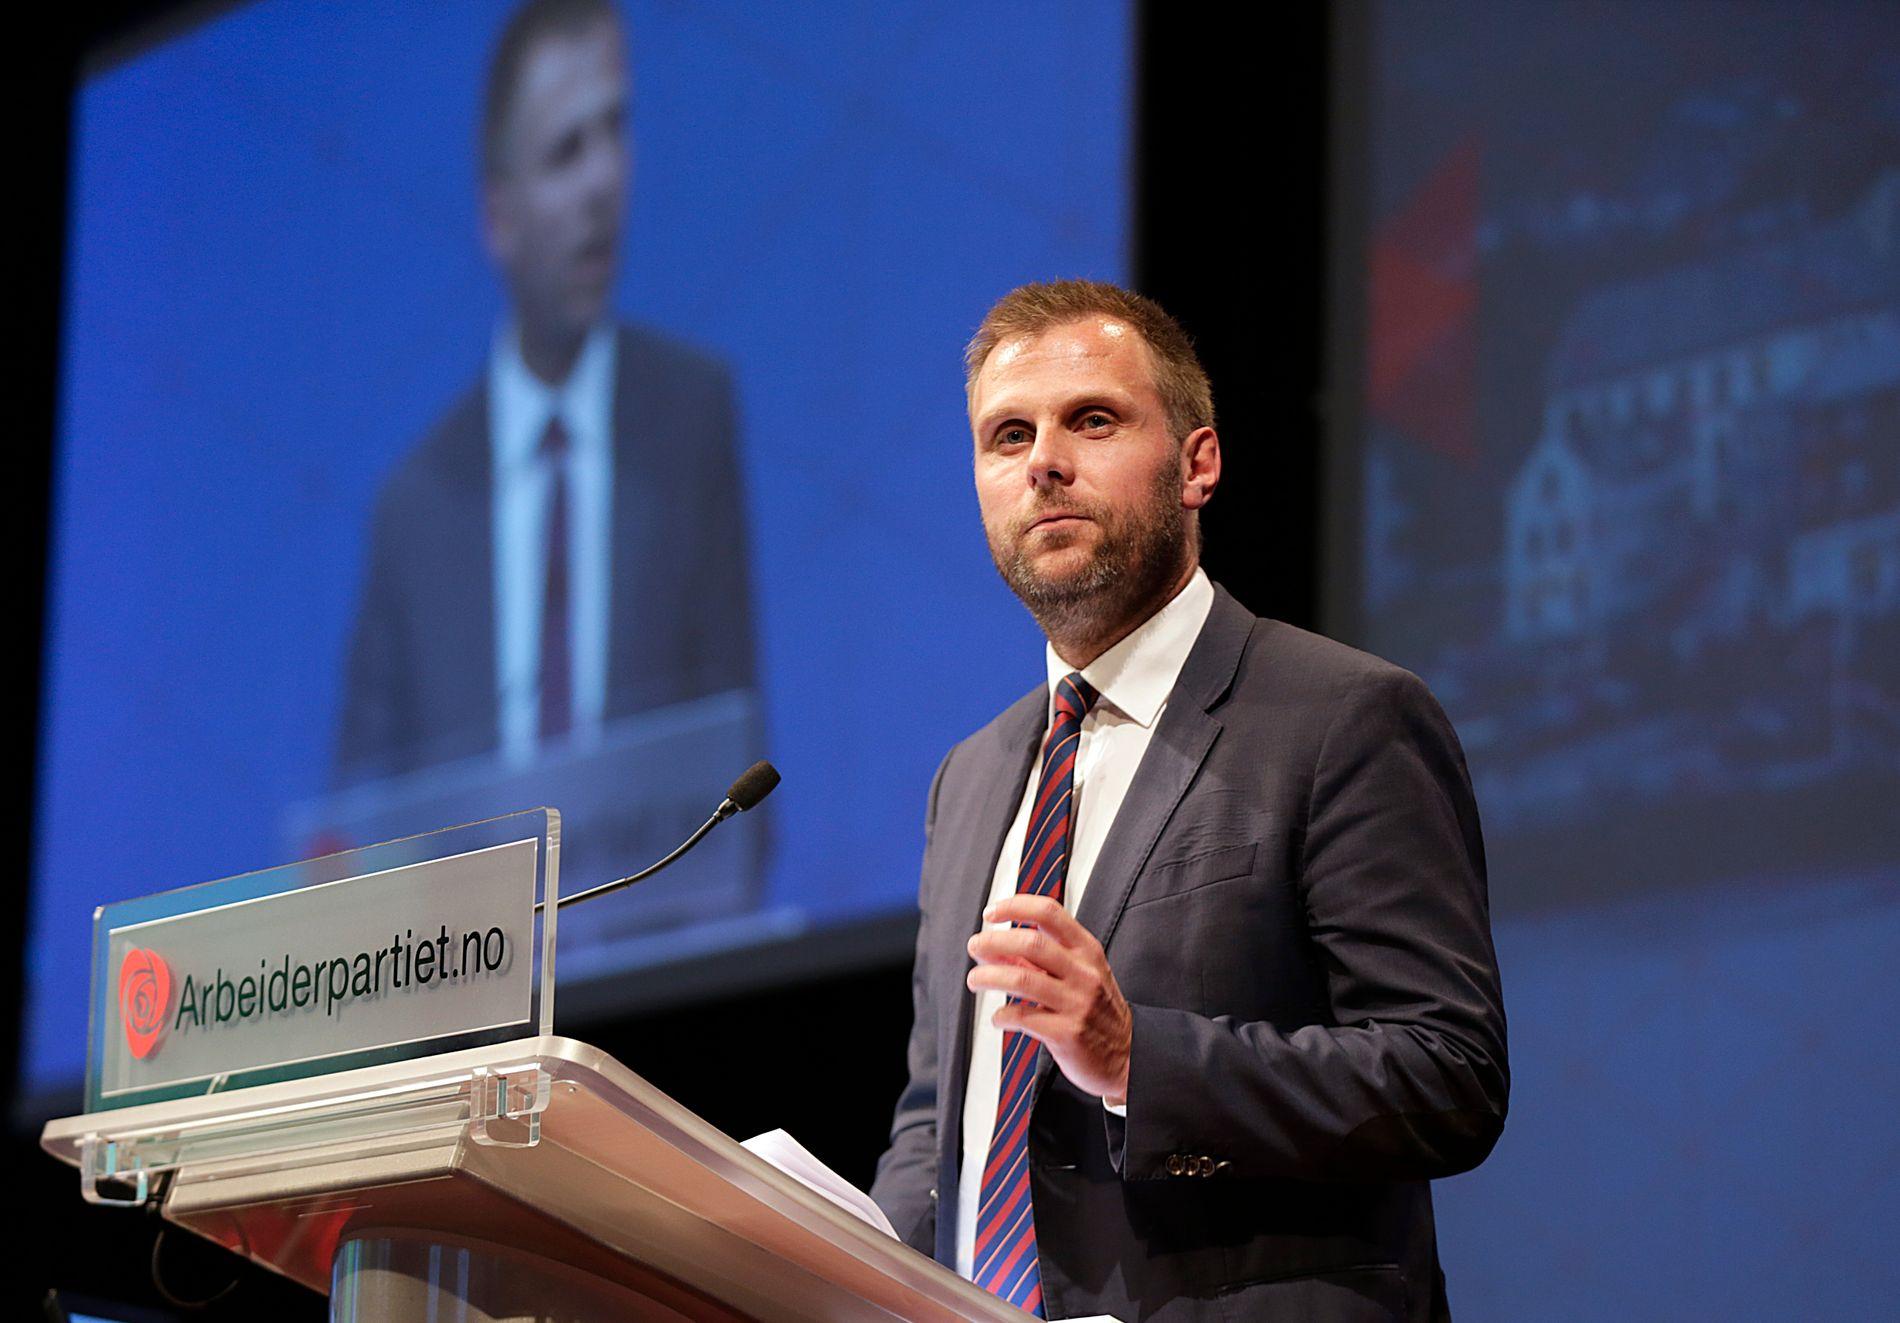 KREVER STRAKSTILTAK: Aps helsepolitiske talsmann, Torgeir Micaelsen, mener det haster for helseministeren med å sette inn tiltak mot tvang i psykiatrien.